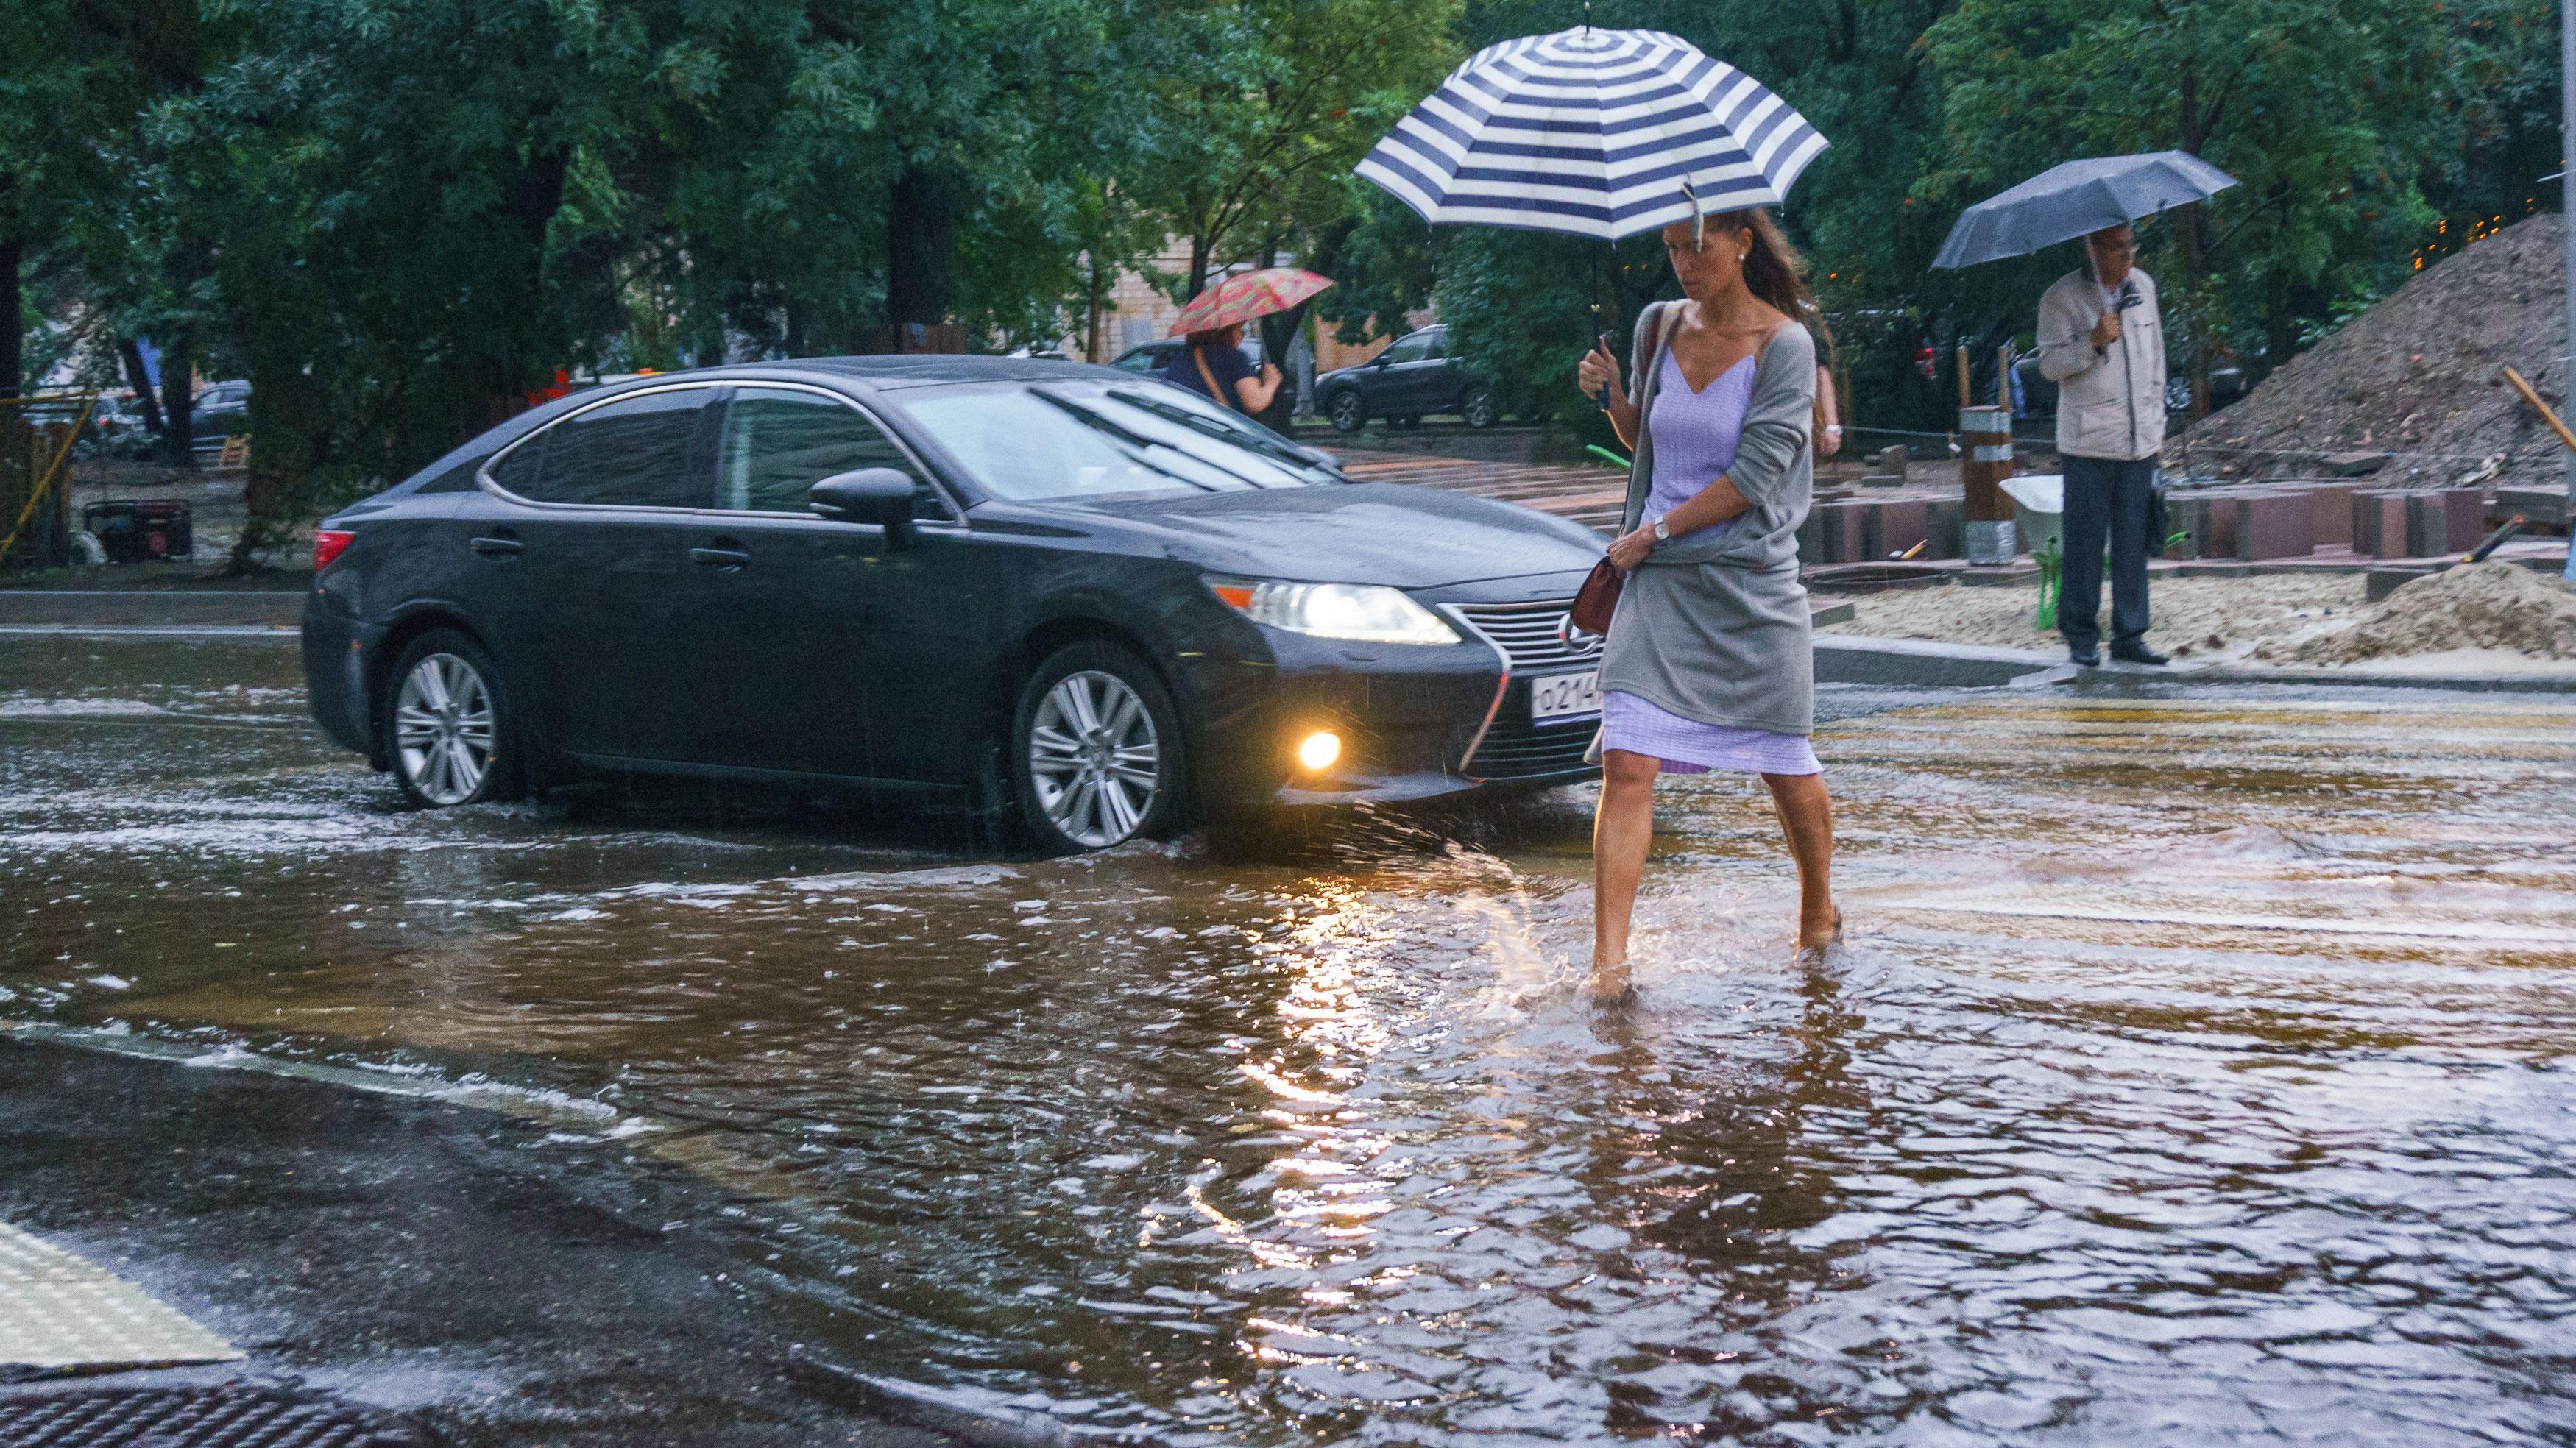 фото вчерашнего дождя в москве можно найти